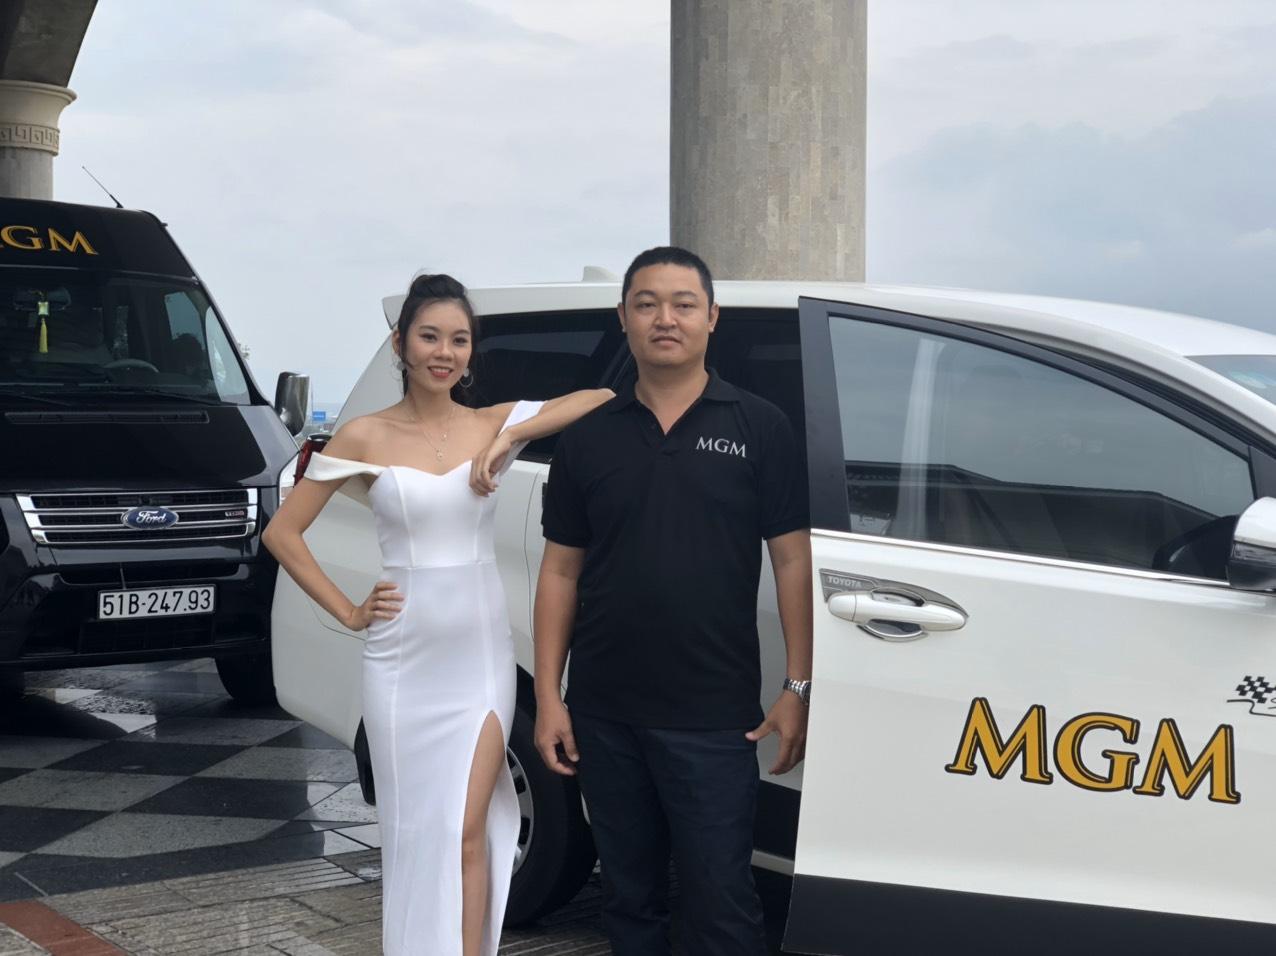 Phong cách chuyên nghiệp của MGMcar sẽ giúp du khách có trải nghiệm tuyệt vời